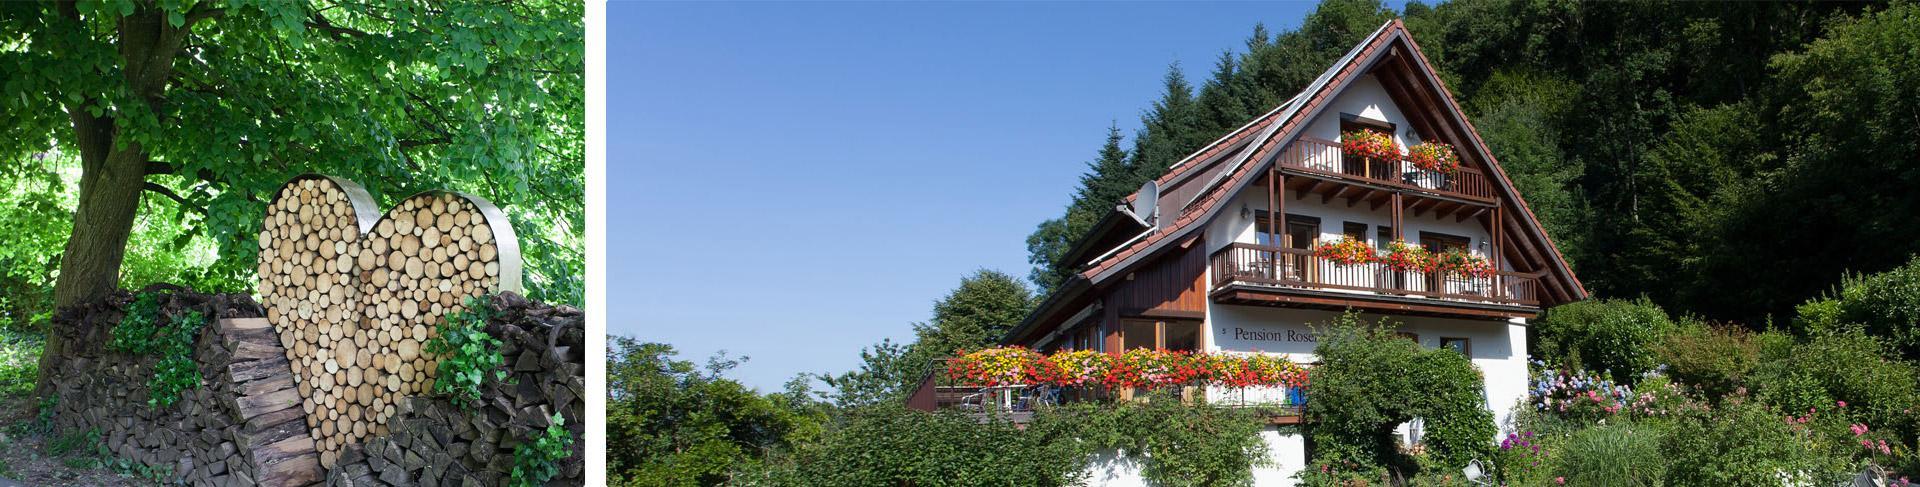 Das Roseneck liegt am Waldrand und ist umgeben von einem wunderschönen großen Garten